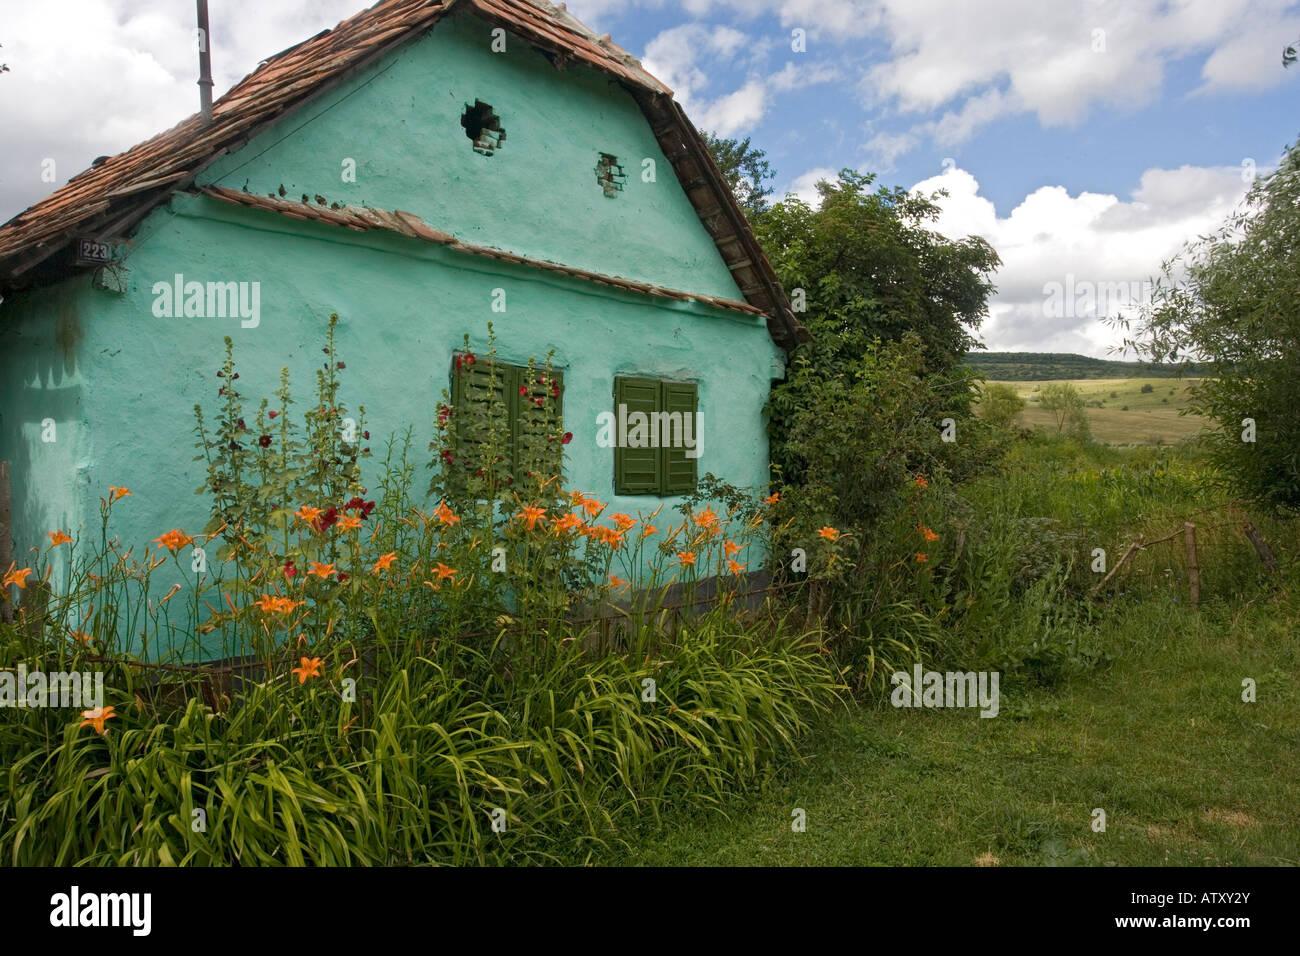 Old house in saxon village of viscri romania stock photo royalty free image 16410386 alamy - Saxon style houses in transylvania ...